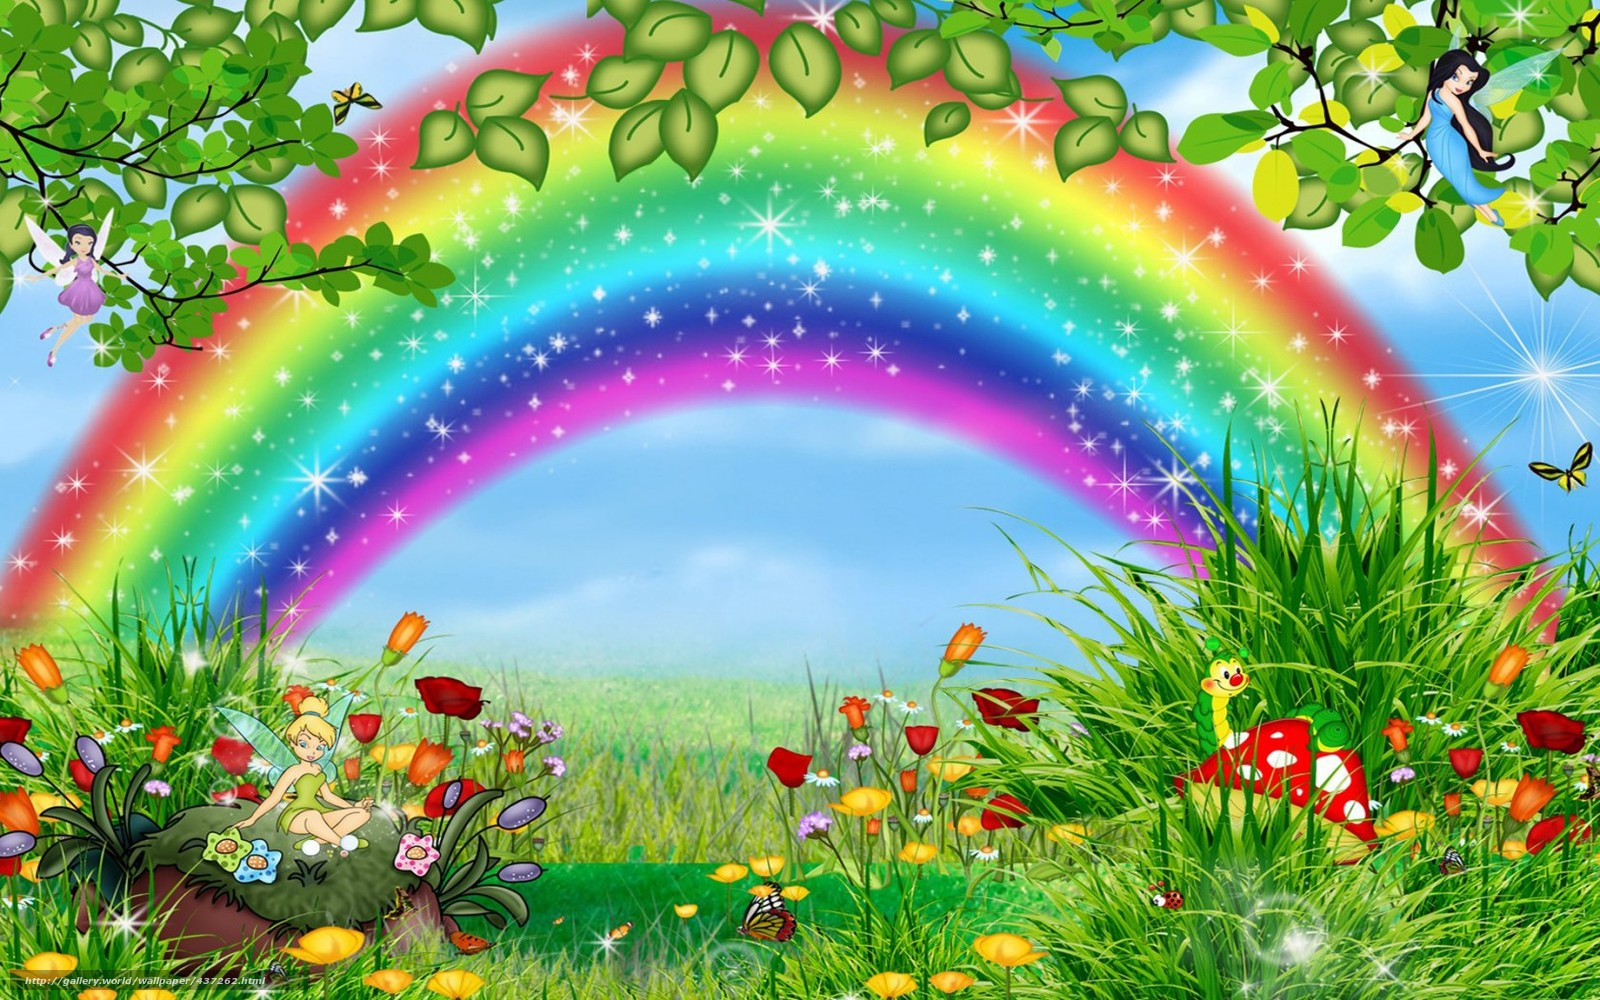 Tlcharger Fond d'ecran arc en ciel, fe, dessin anim. enfance Fonds d'ecran gratuits pour votre ...